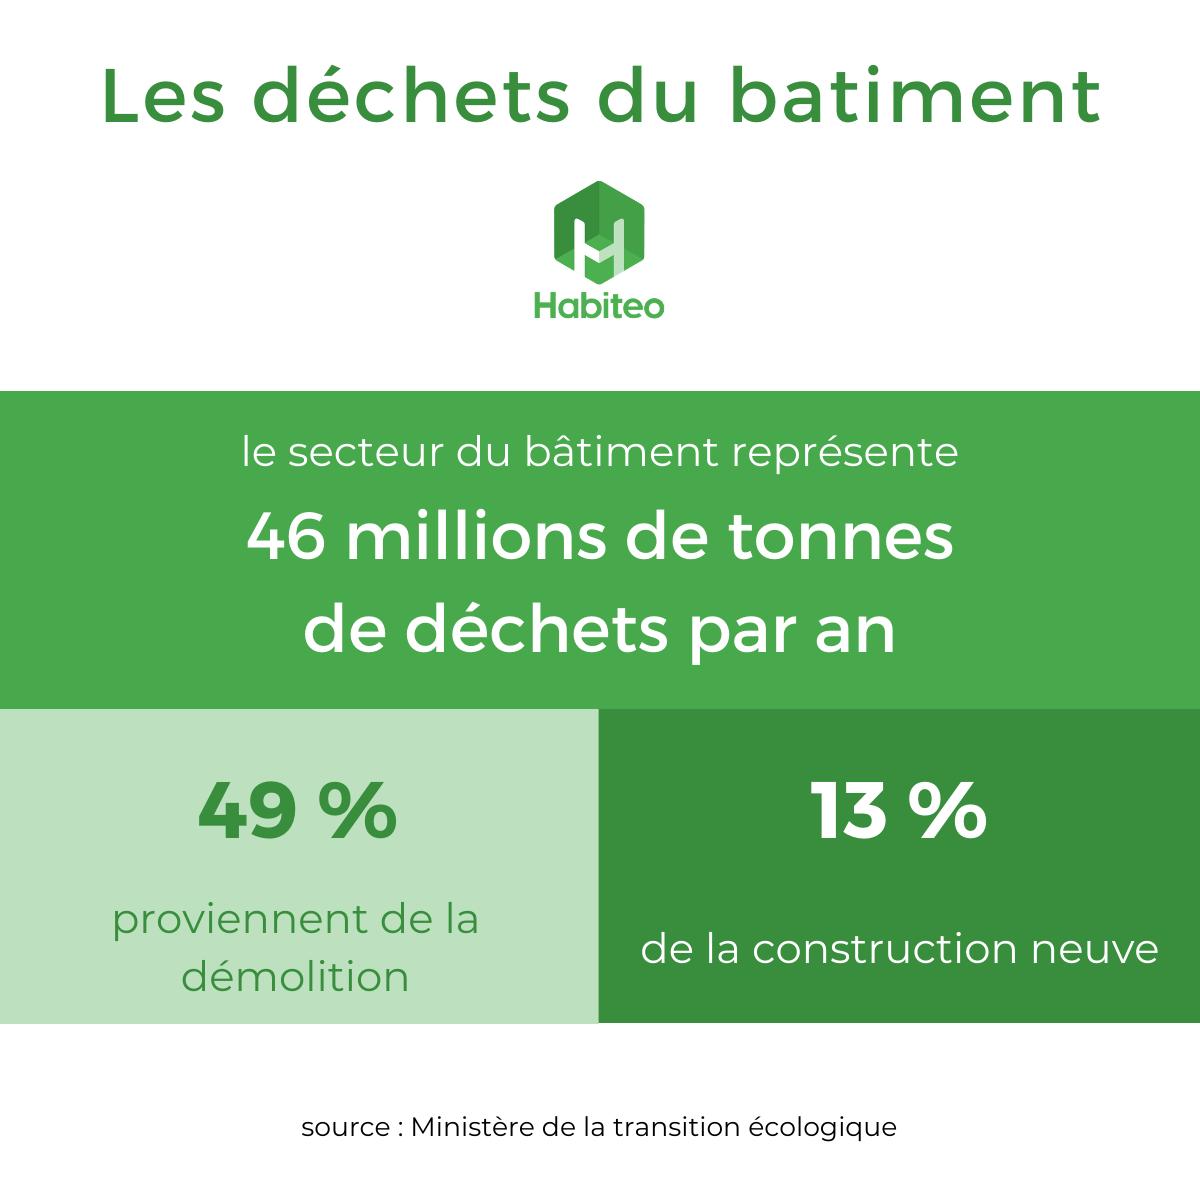 Comprendre les déchets du bâtiment pour favoriser l'écologie